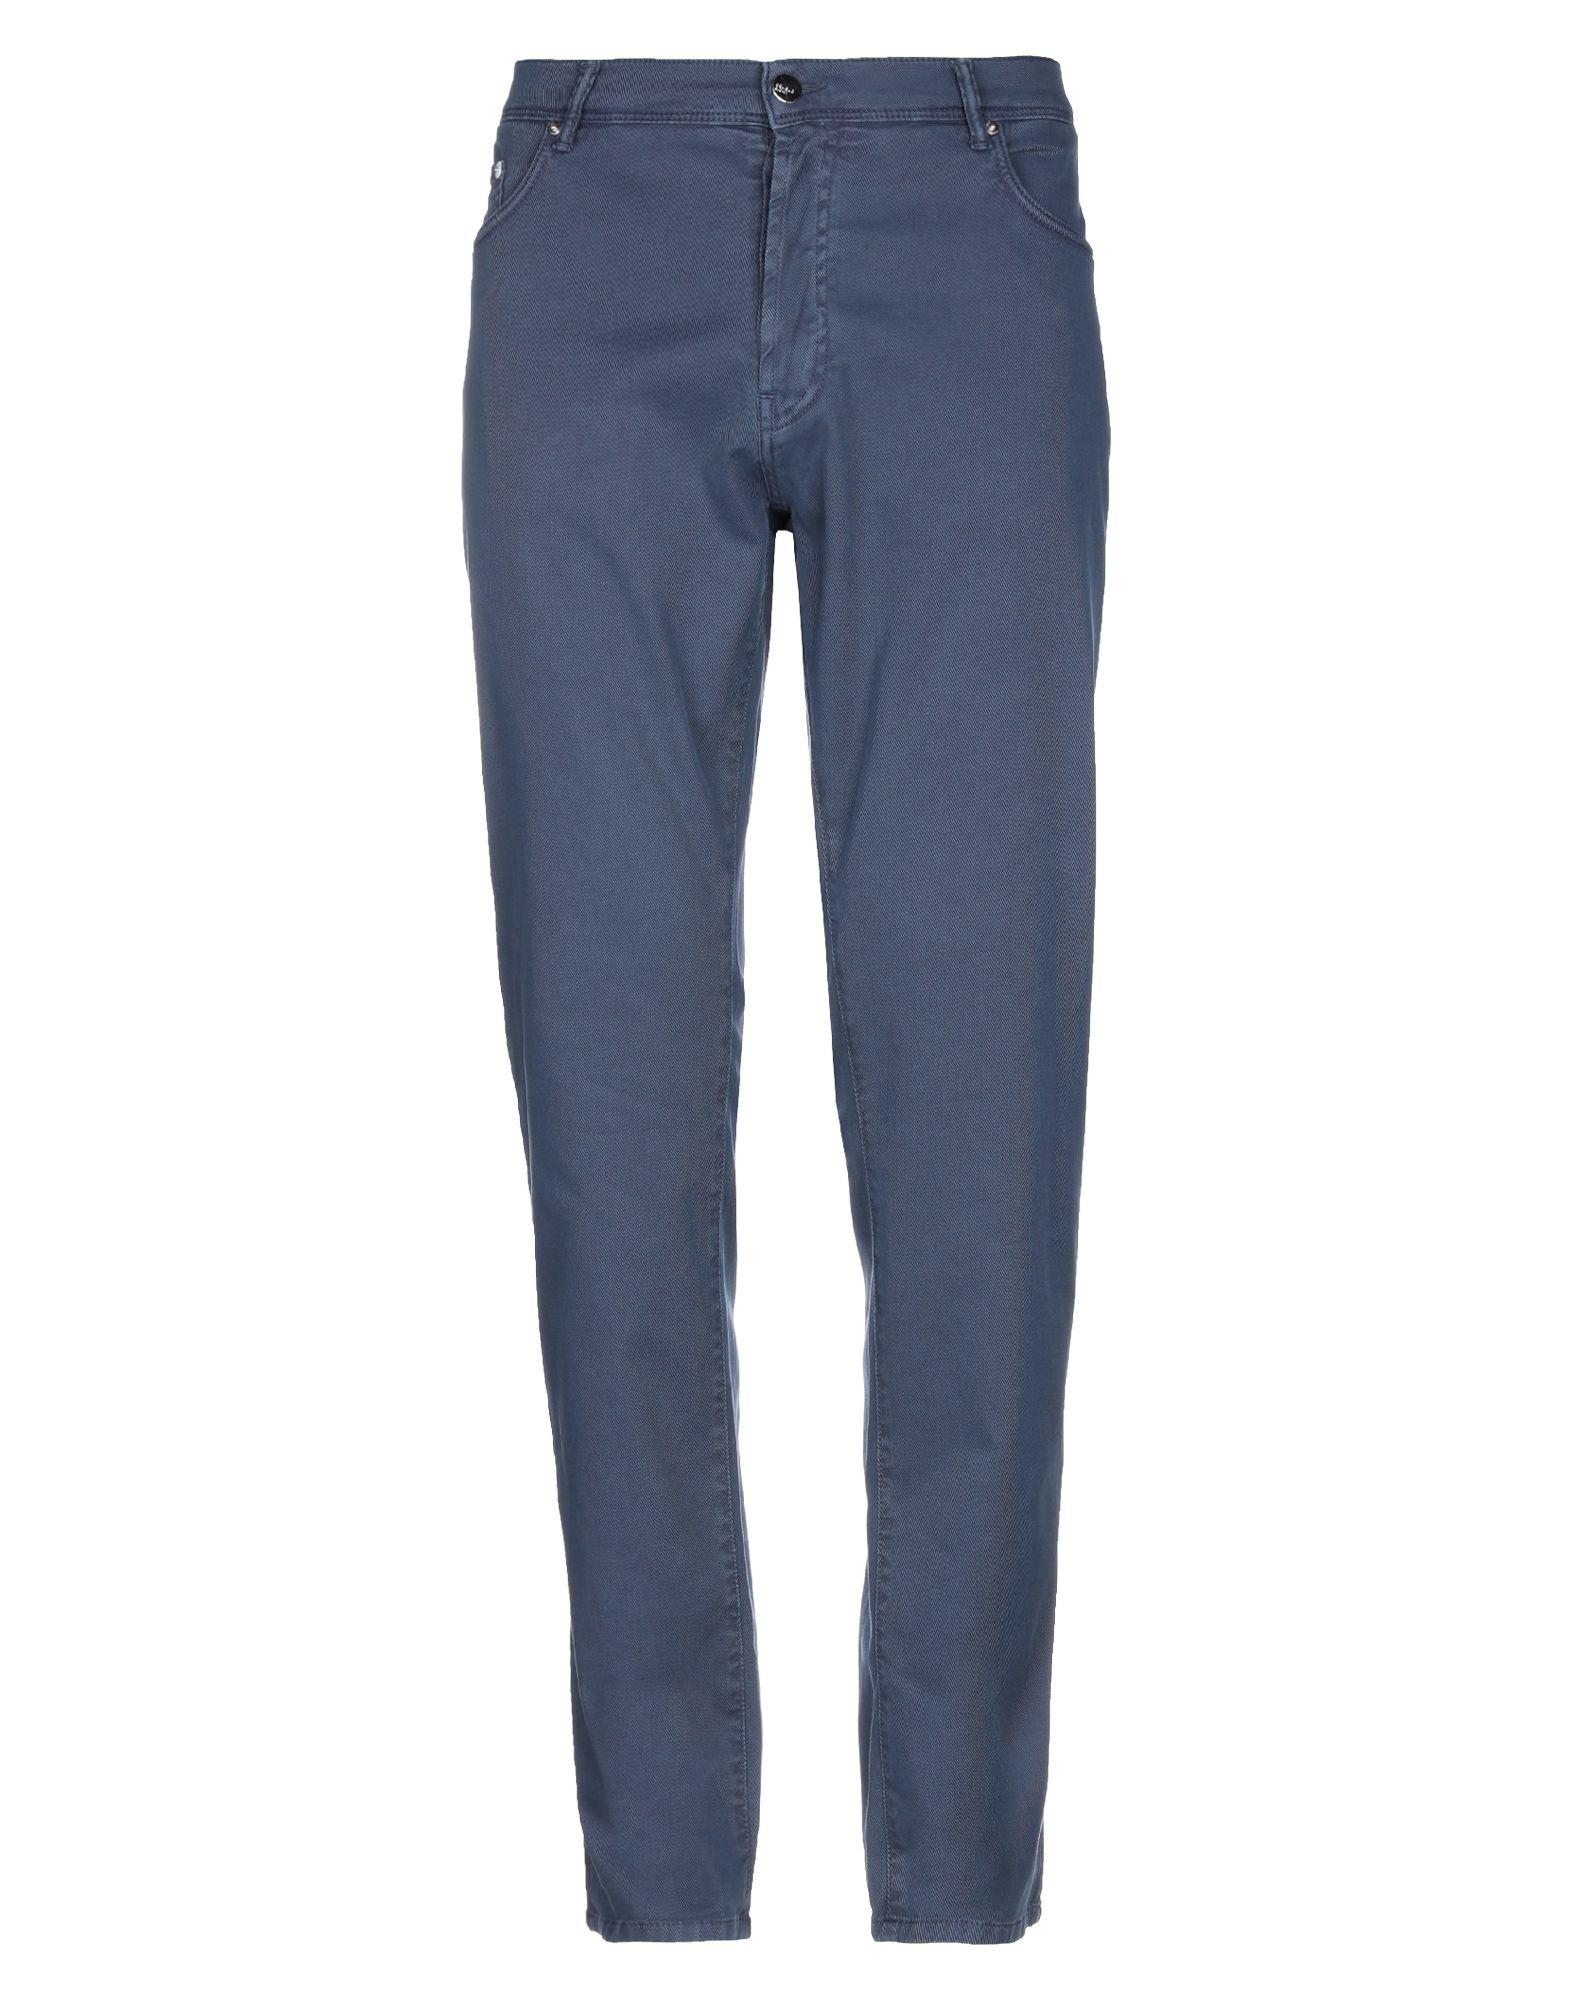 《期間限定セール開催中!》DOUBLE EIGHT メンズ パンツ ブルーグレー 38 コットン 97% / ポリウレタン 3%